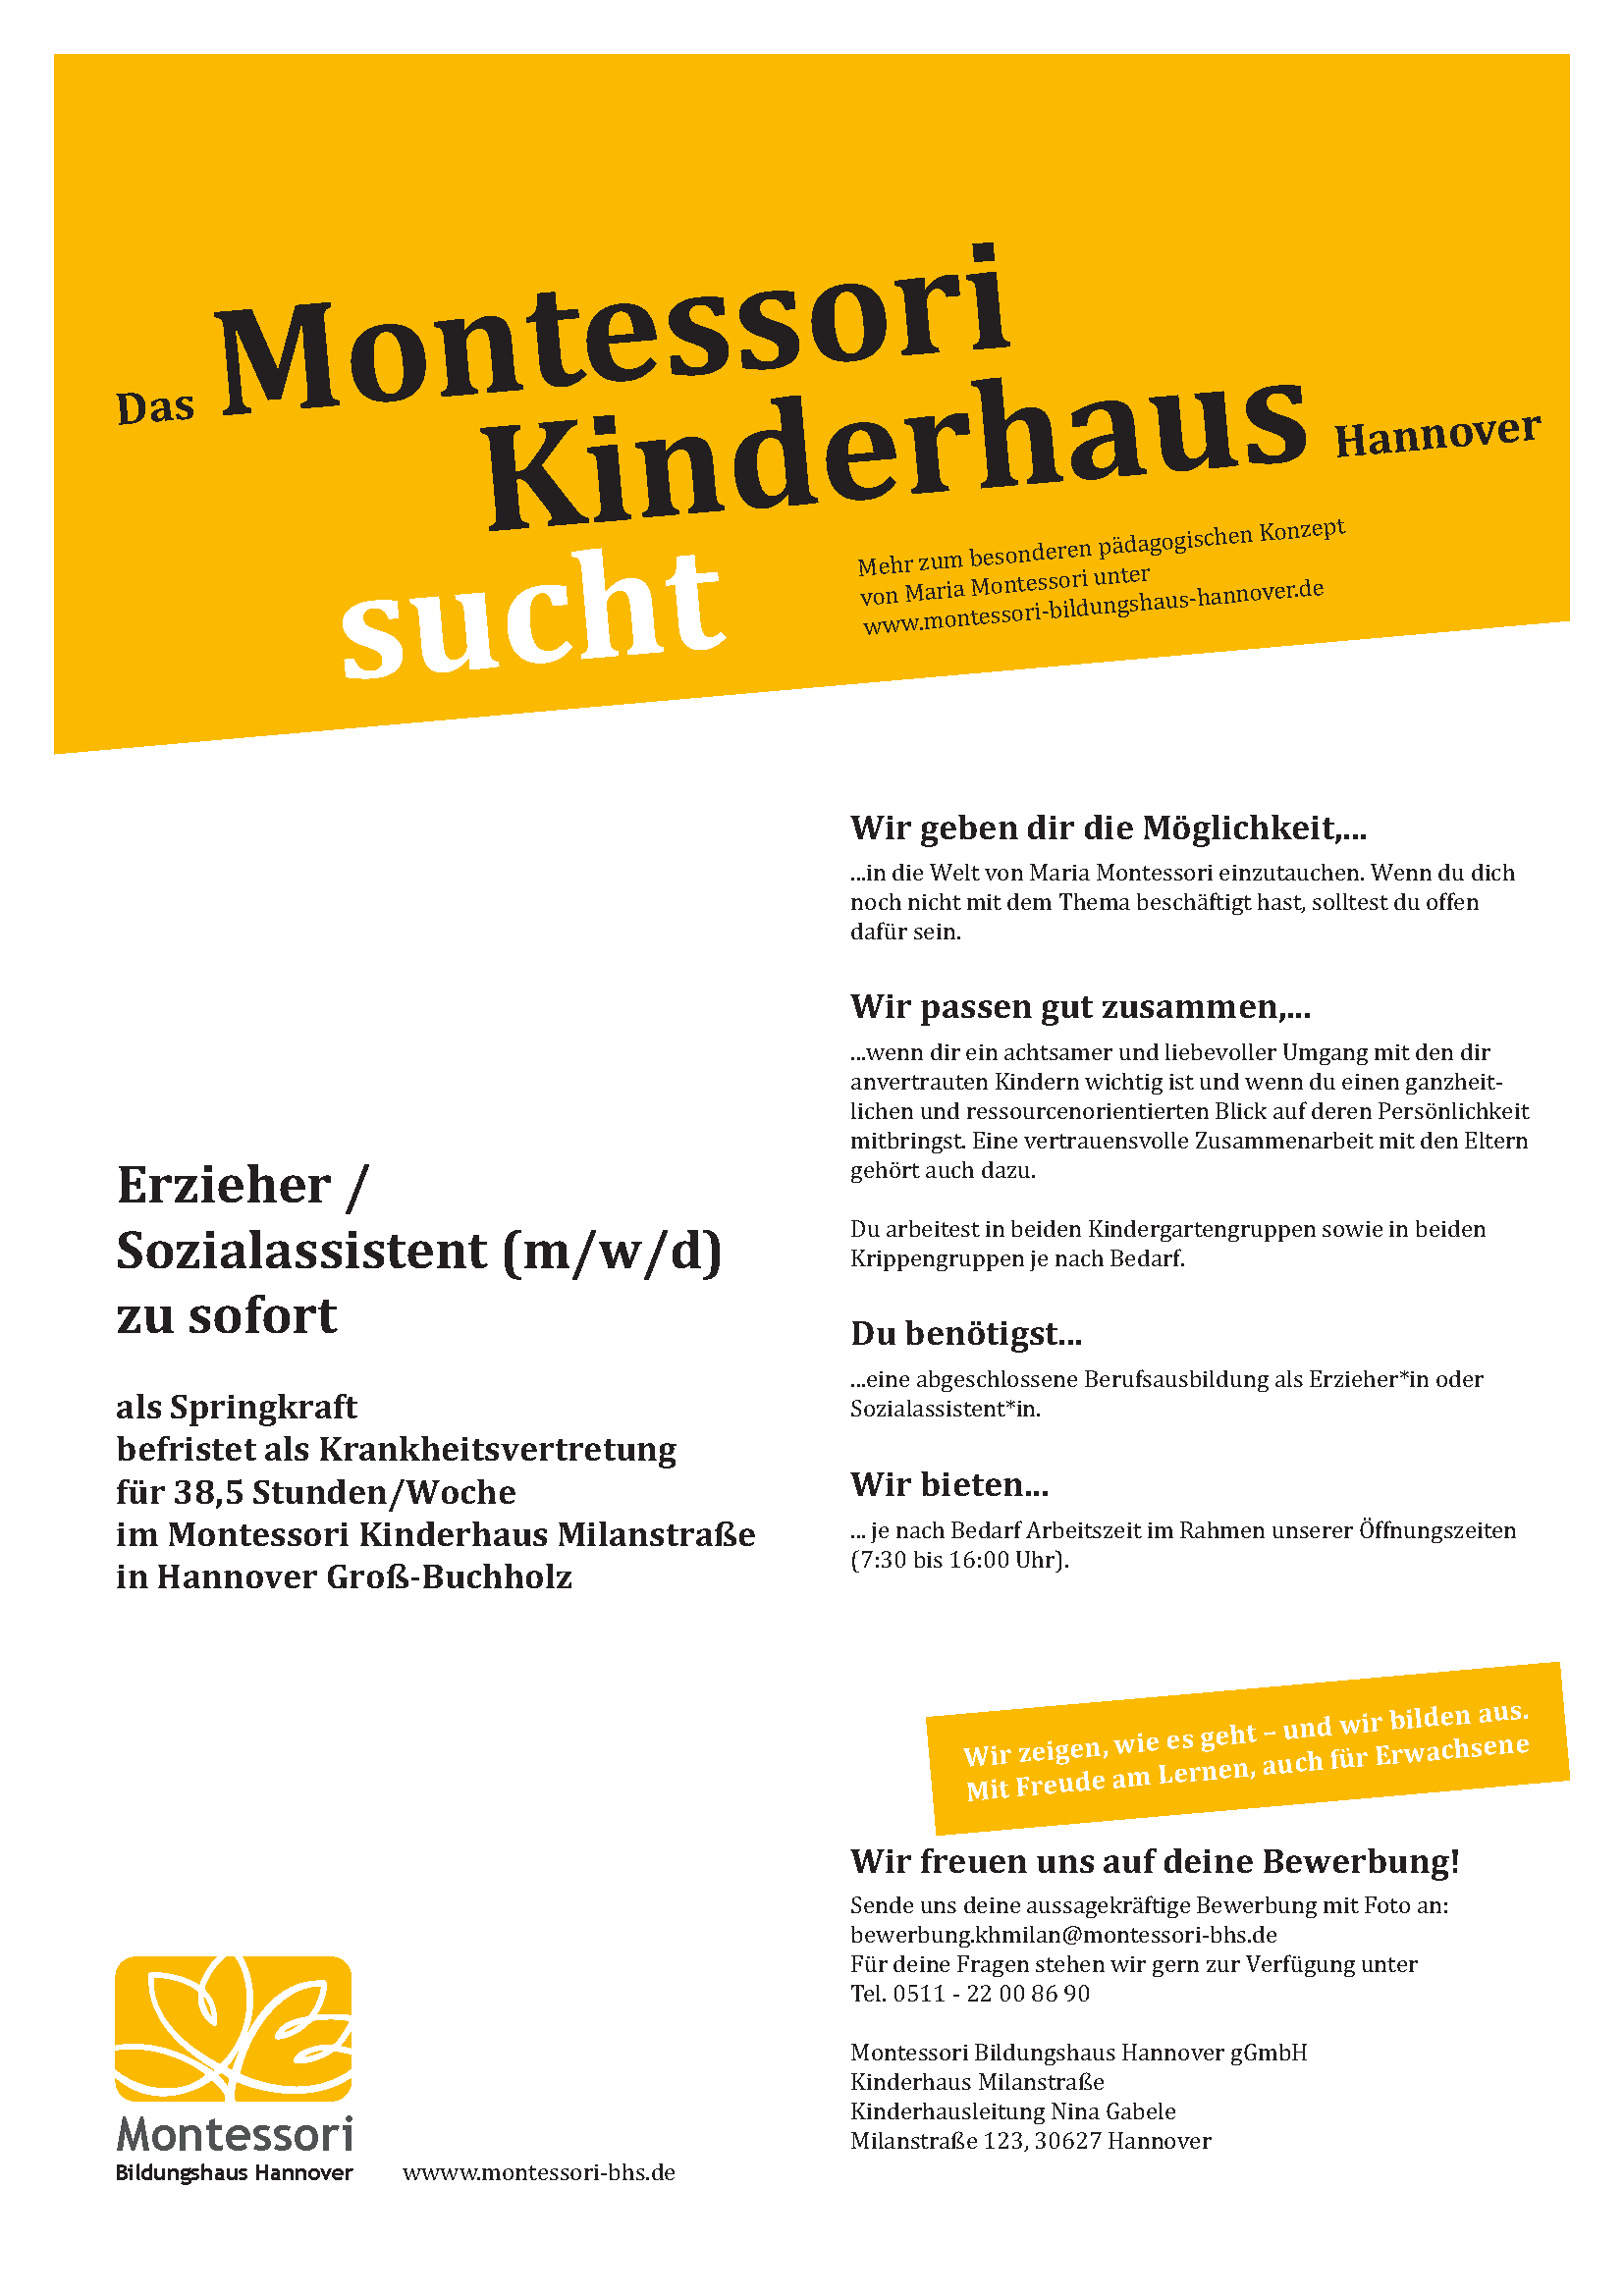 Wir suchen dich als Springkraft für unser Montessori Kinderhaus in Groß Buchholz